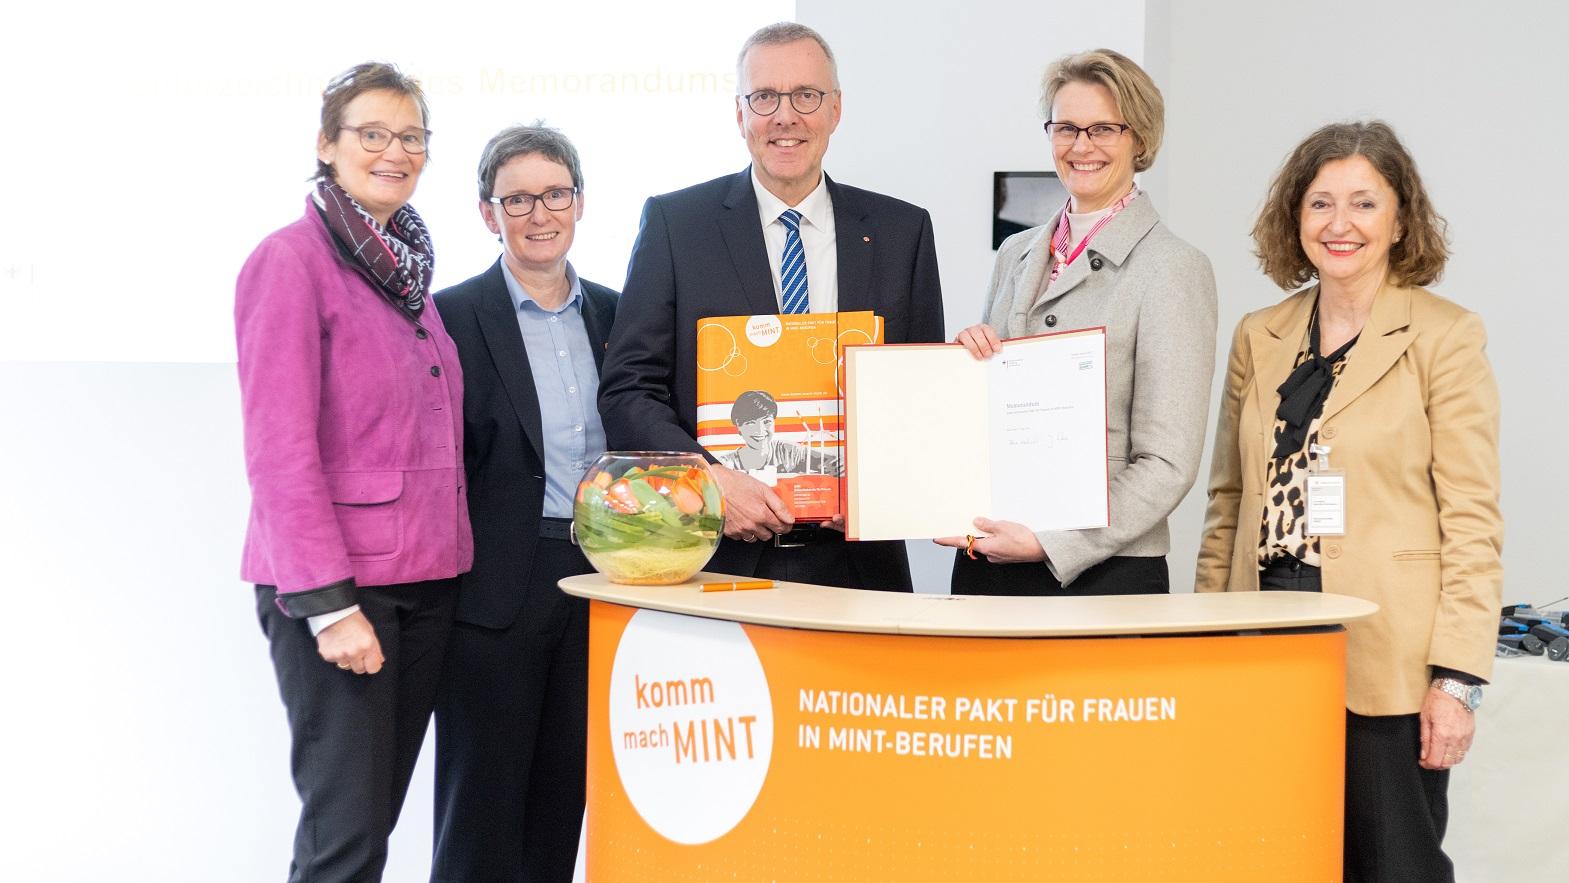 Bild Bundesbildungsministerin Anja Karliczek begrüßt 300. Partner im Nationalen Pakt für Frauen in MINT-Berufen